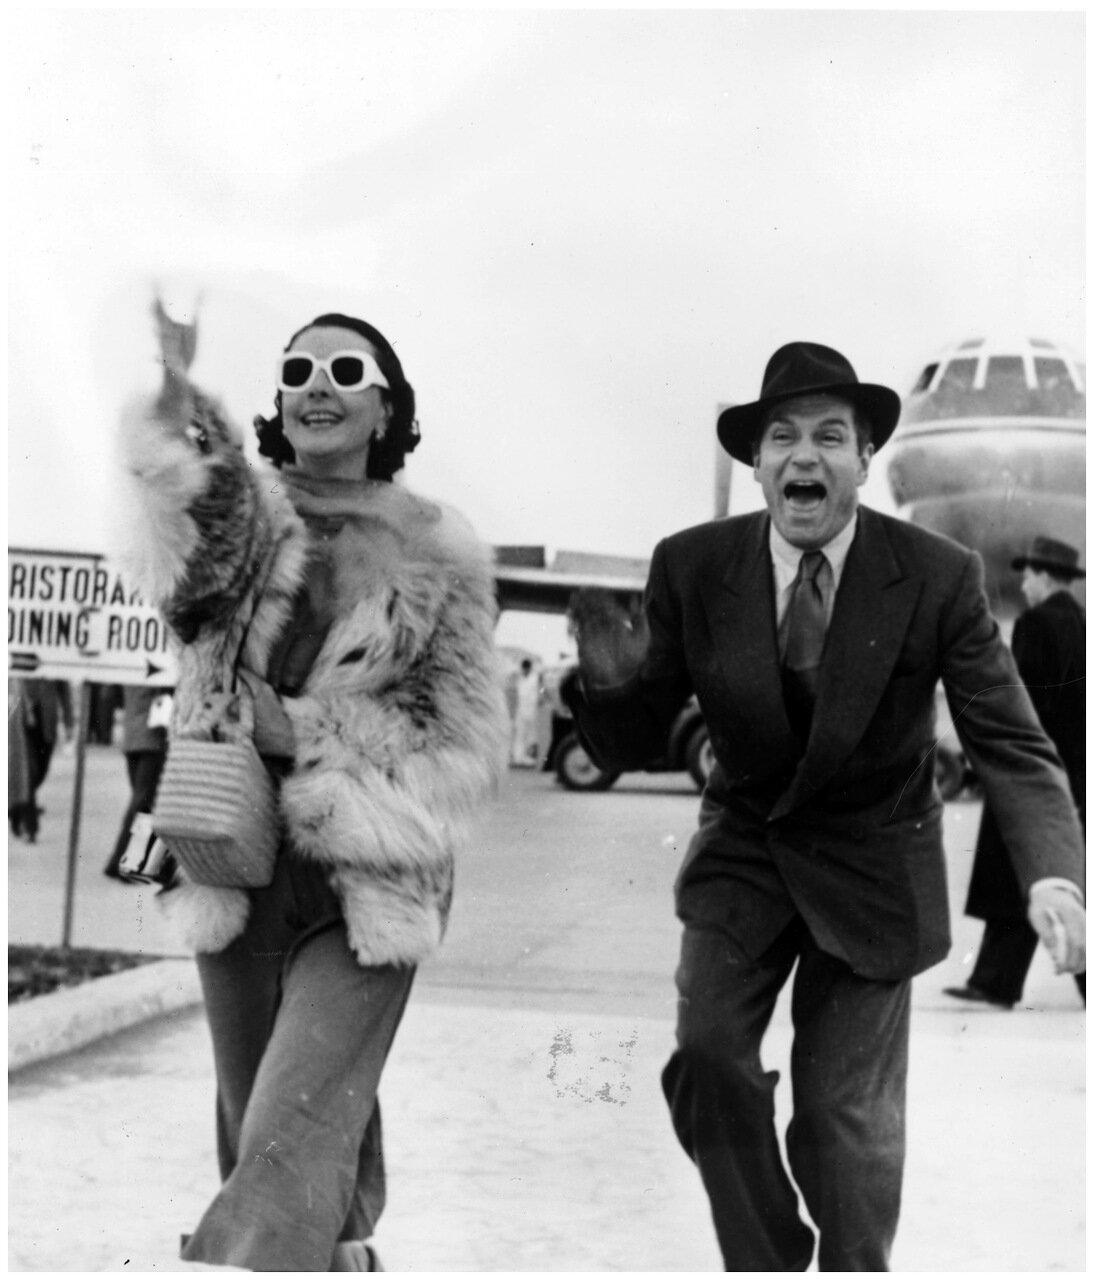 1953. Сэр Лоуренс Оливье и его жена Вивьен Ли прибыли в аэропорт Рима